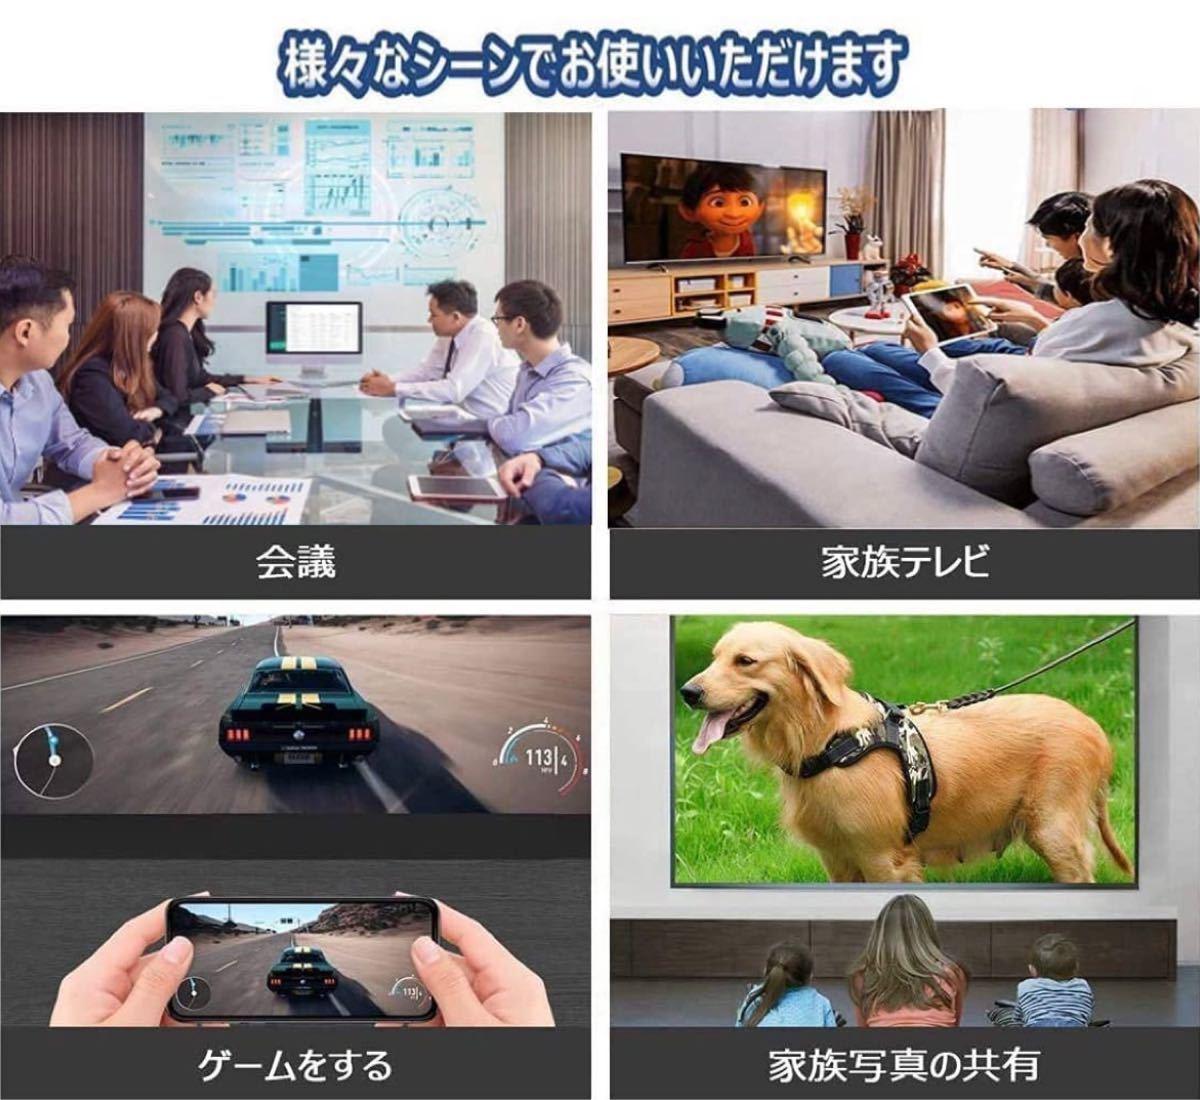 [新品] HDMI 変換アダプタ コネクタケーブル テレビ YouTube 視聴